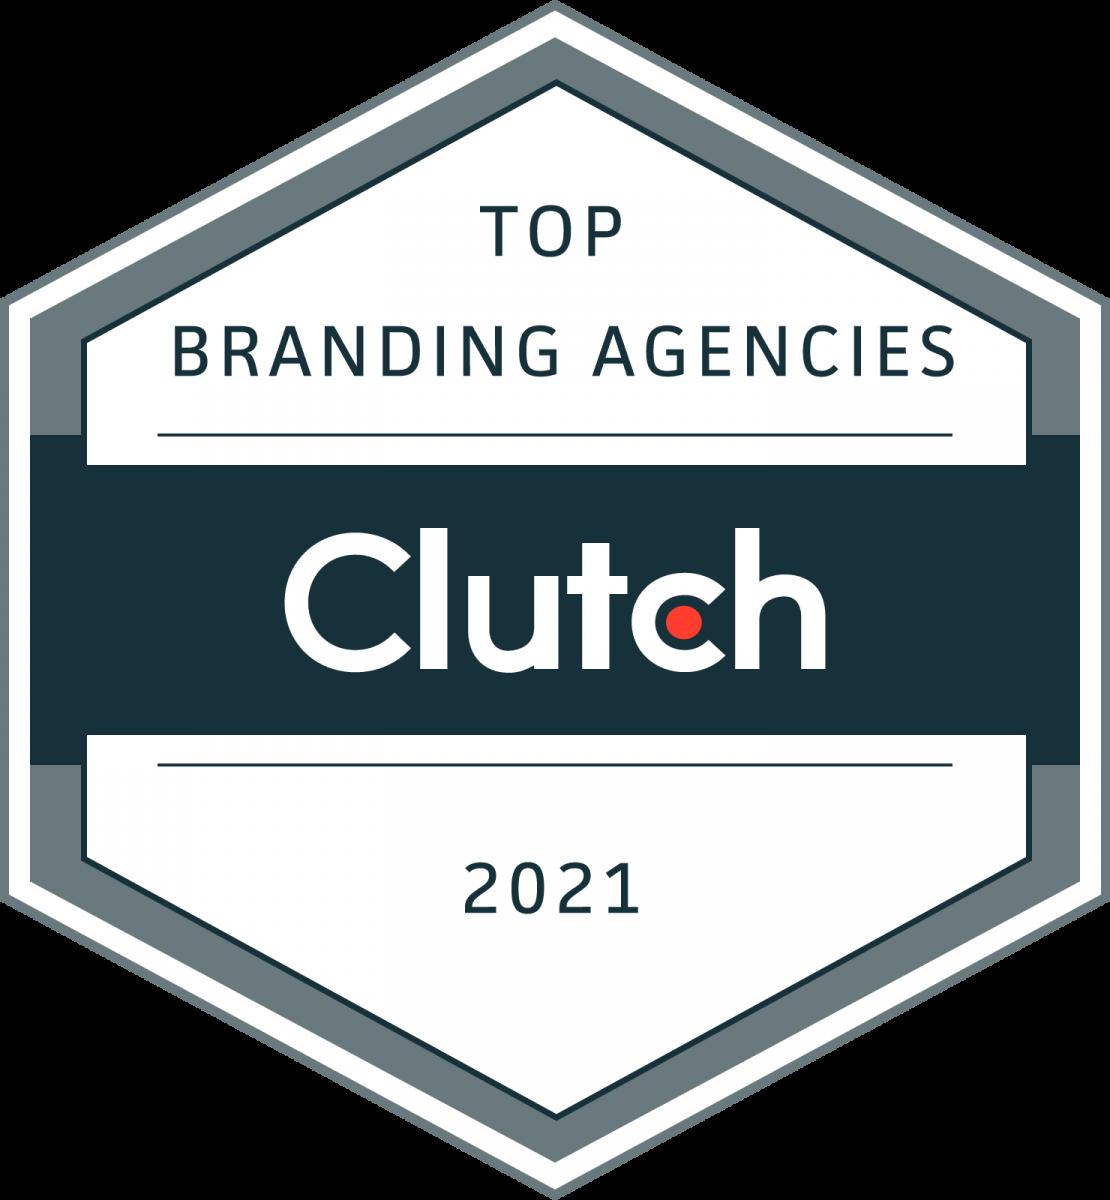 Top Branding Agencies 2021